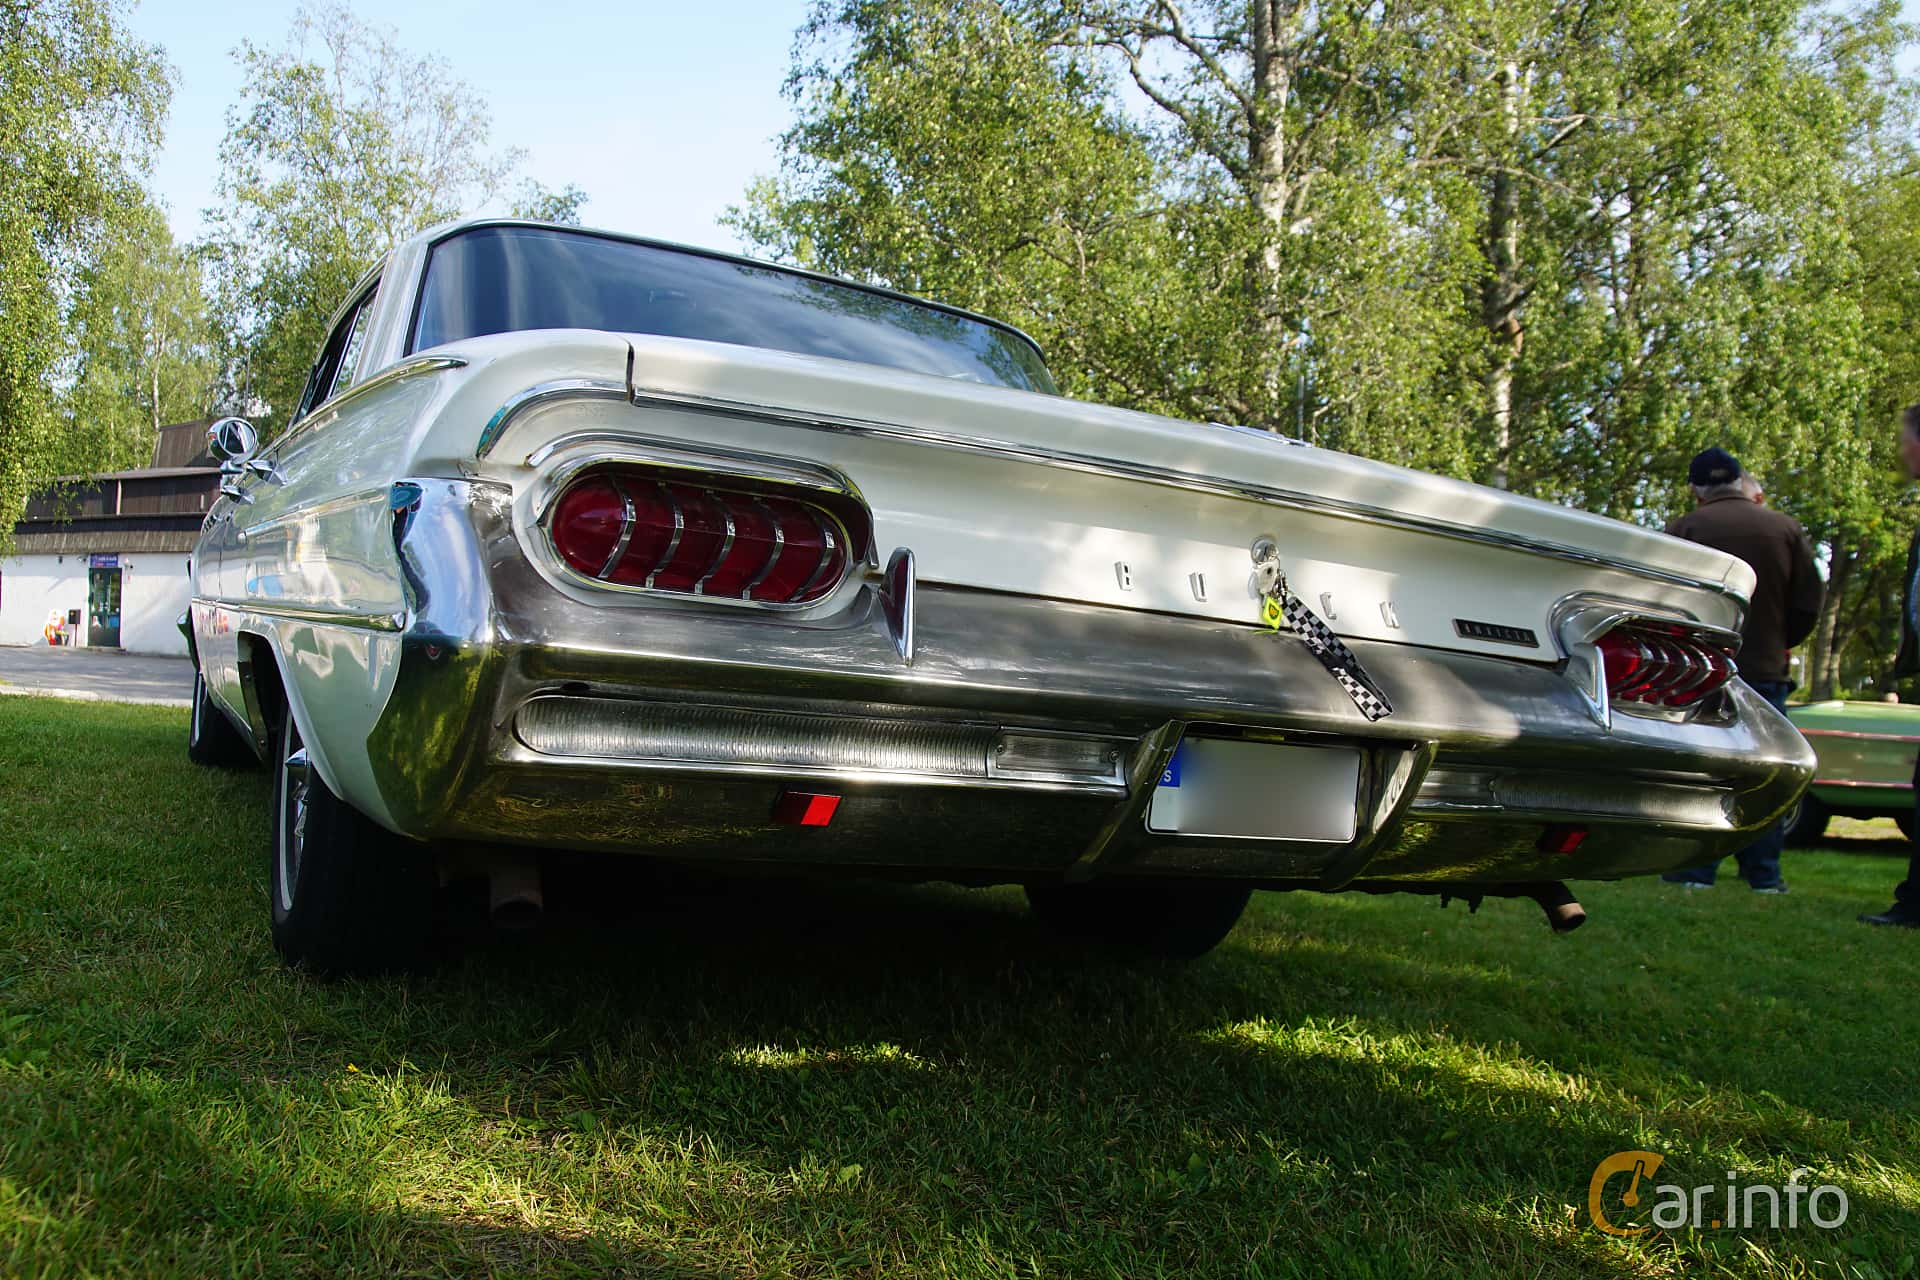 Buick Invicta 4-door Hardtop 6.6 V8 Automatic, 330hp, 1961 at Onsdagsträffar på Gammlia Umeå 2019 vecka 28